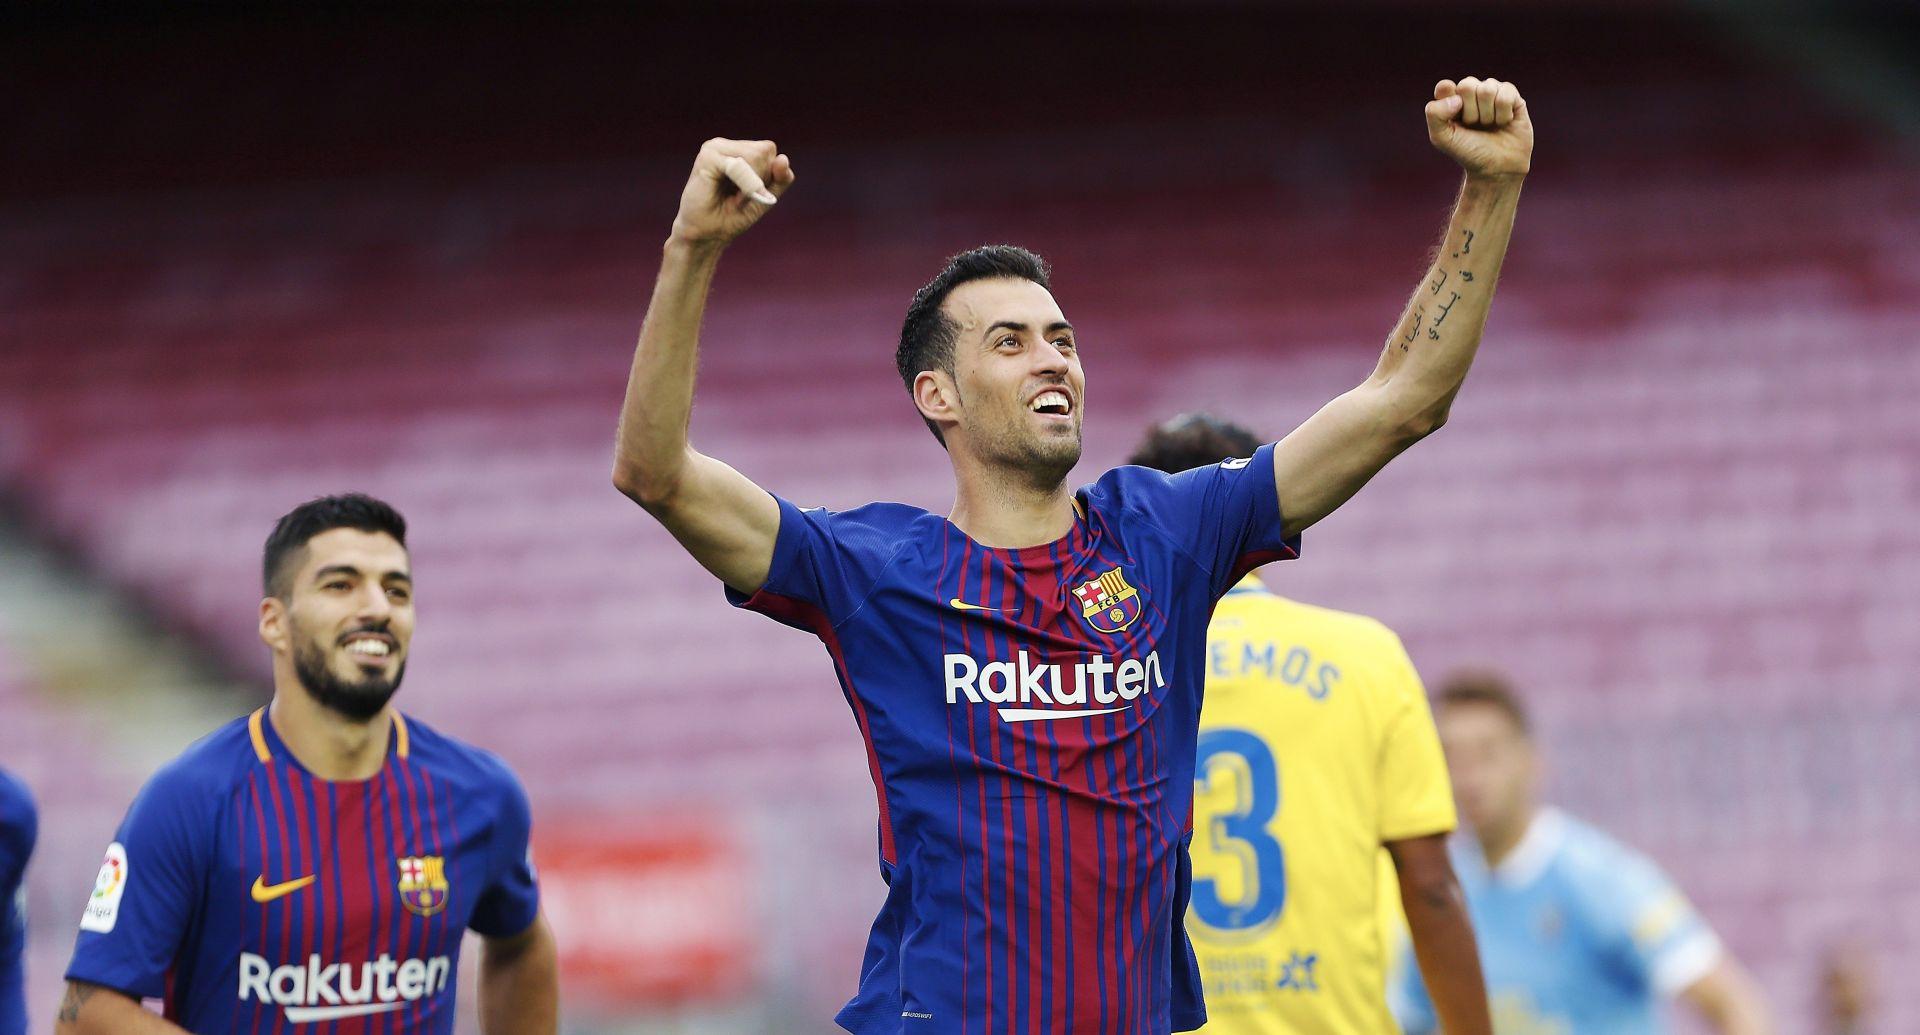 PRIMERA Pobjeda Barcelone, Messi zabio dva gola, Rakitić ušao u drugom poluvremenu